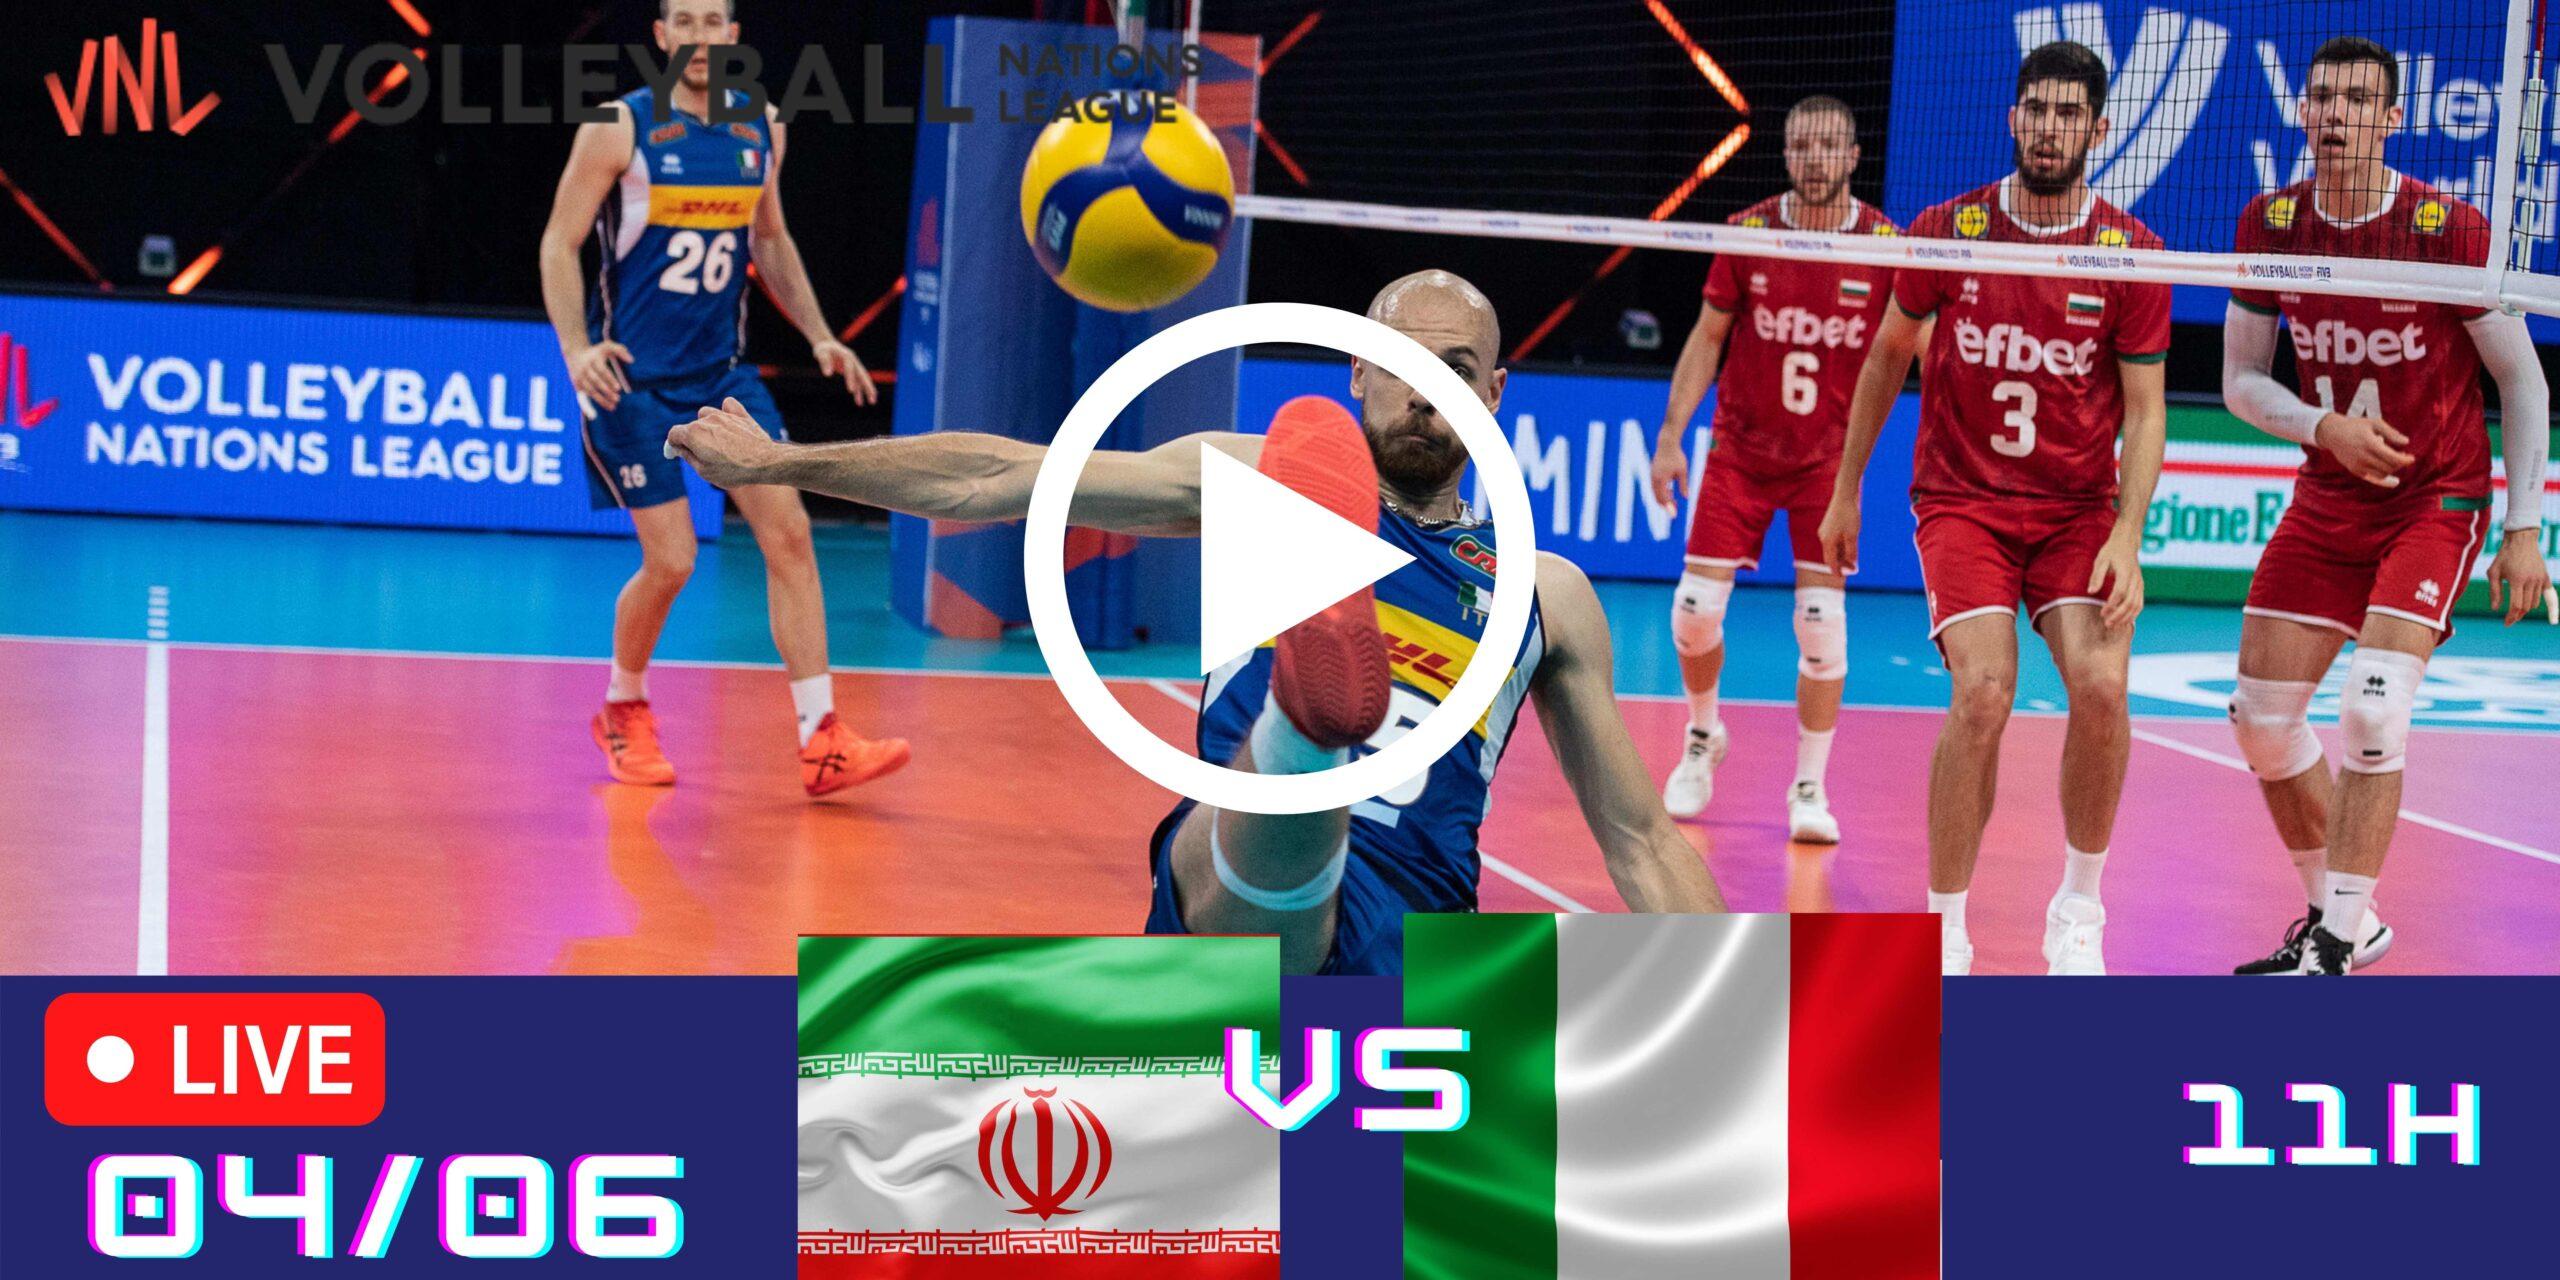 Resultado: Irã 3 vs 2 Itália – Liga das Nações – 04/06 – 11h